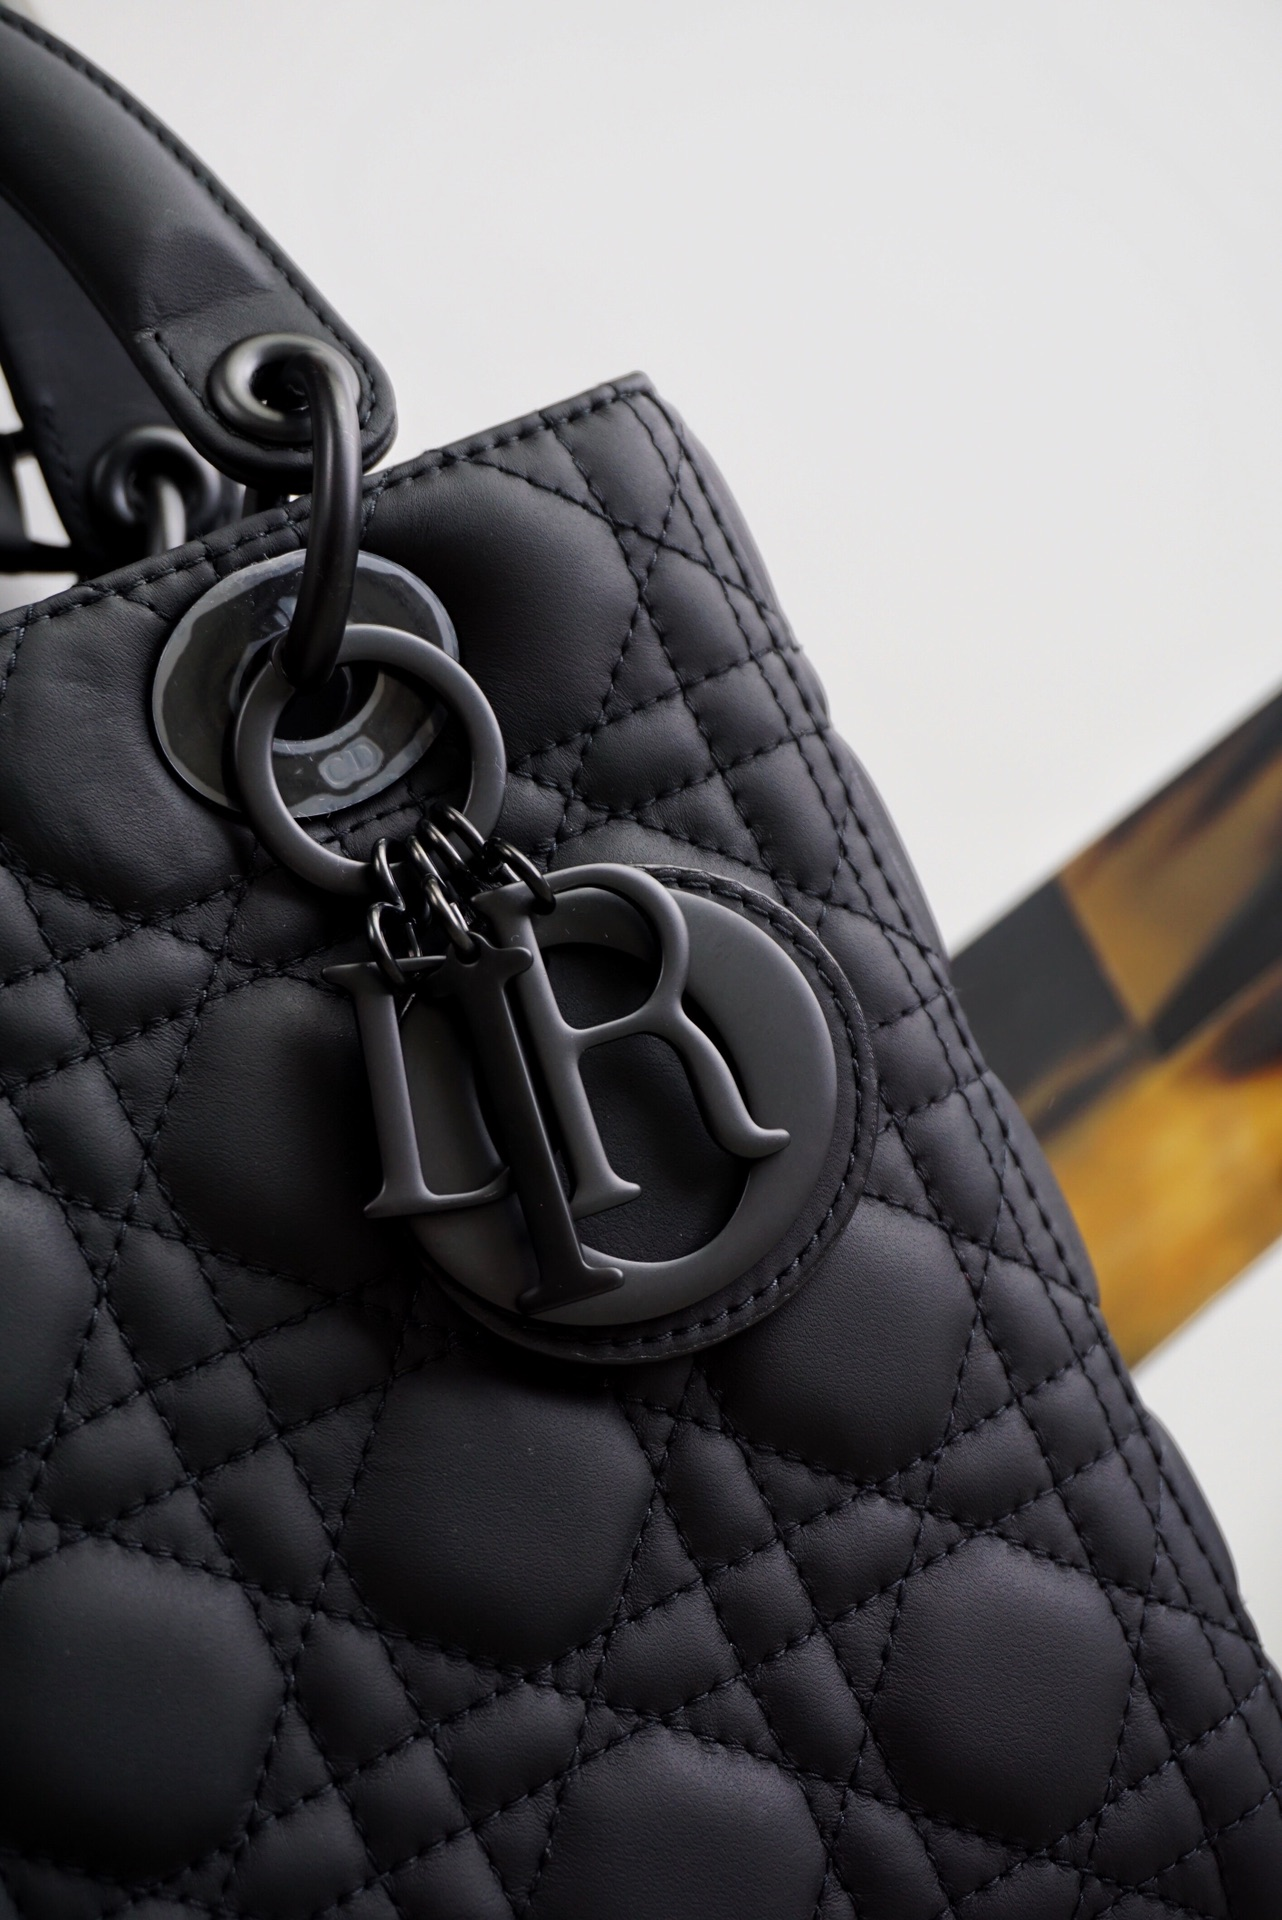 Dior 迪奥 戴妃包 Lady Dior 五格/24cm 磨砂黑 戴妃包 把酷帅彰显得淋漓尽致